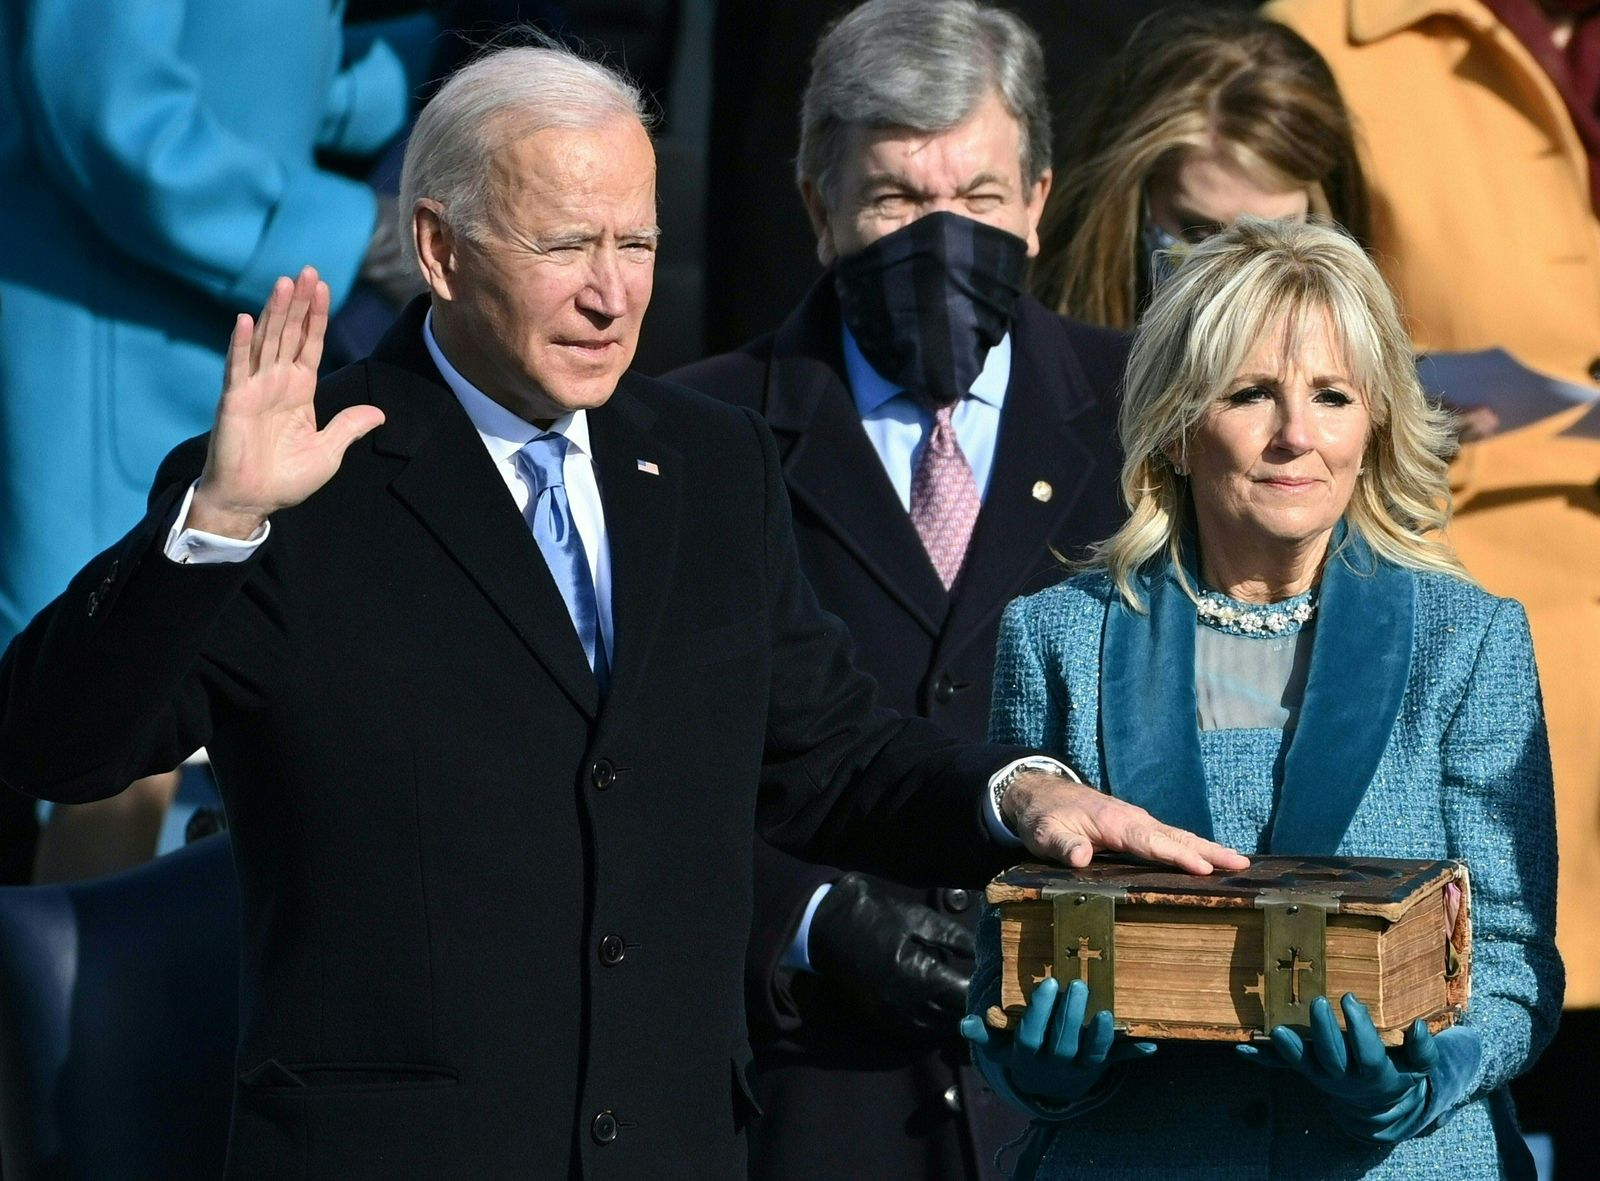 Biden sworn in at US Capitol